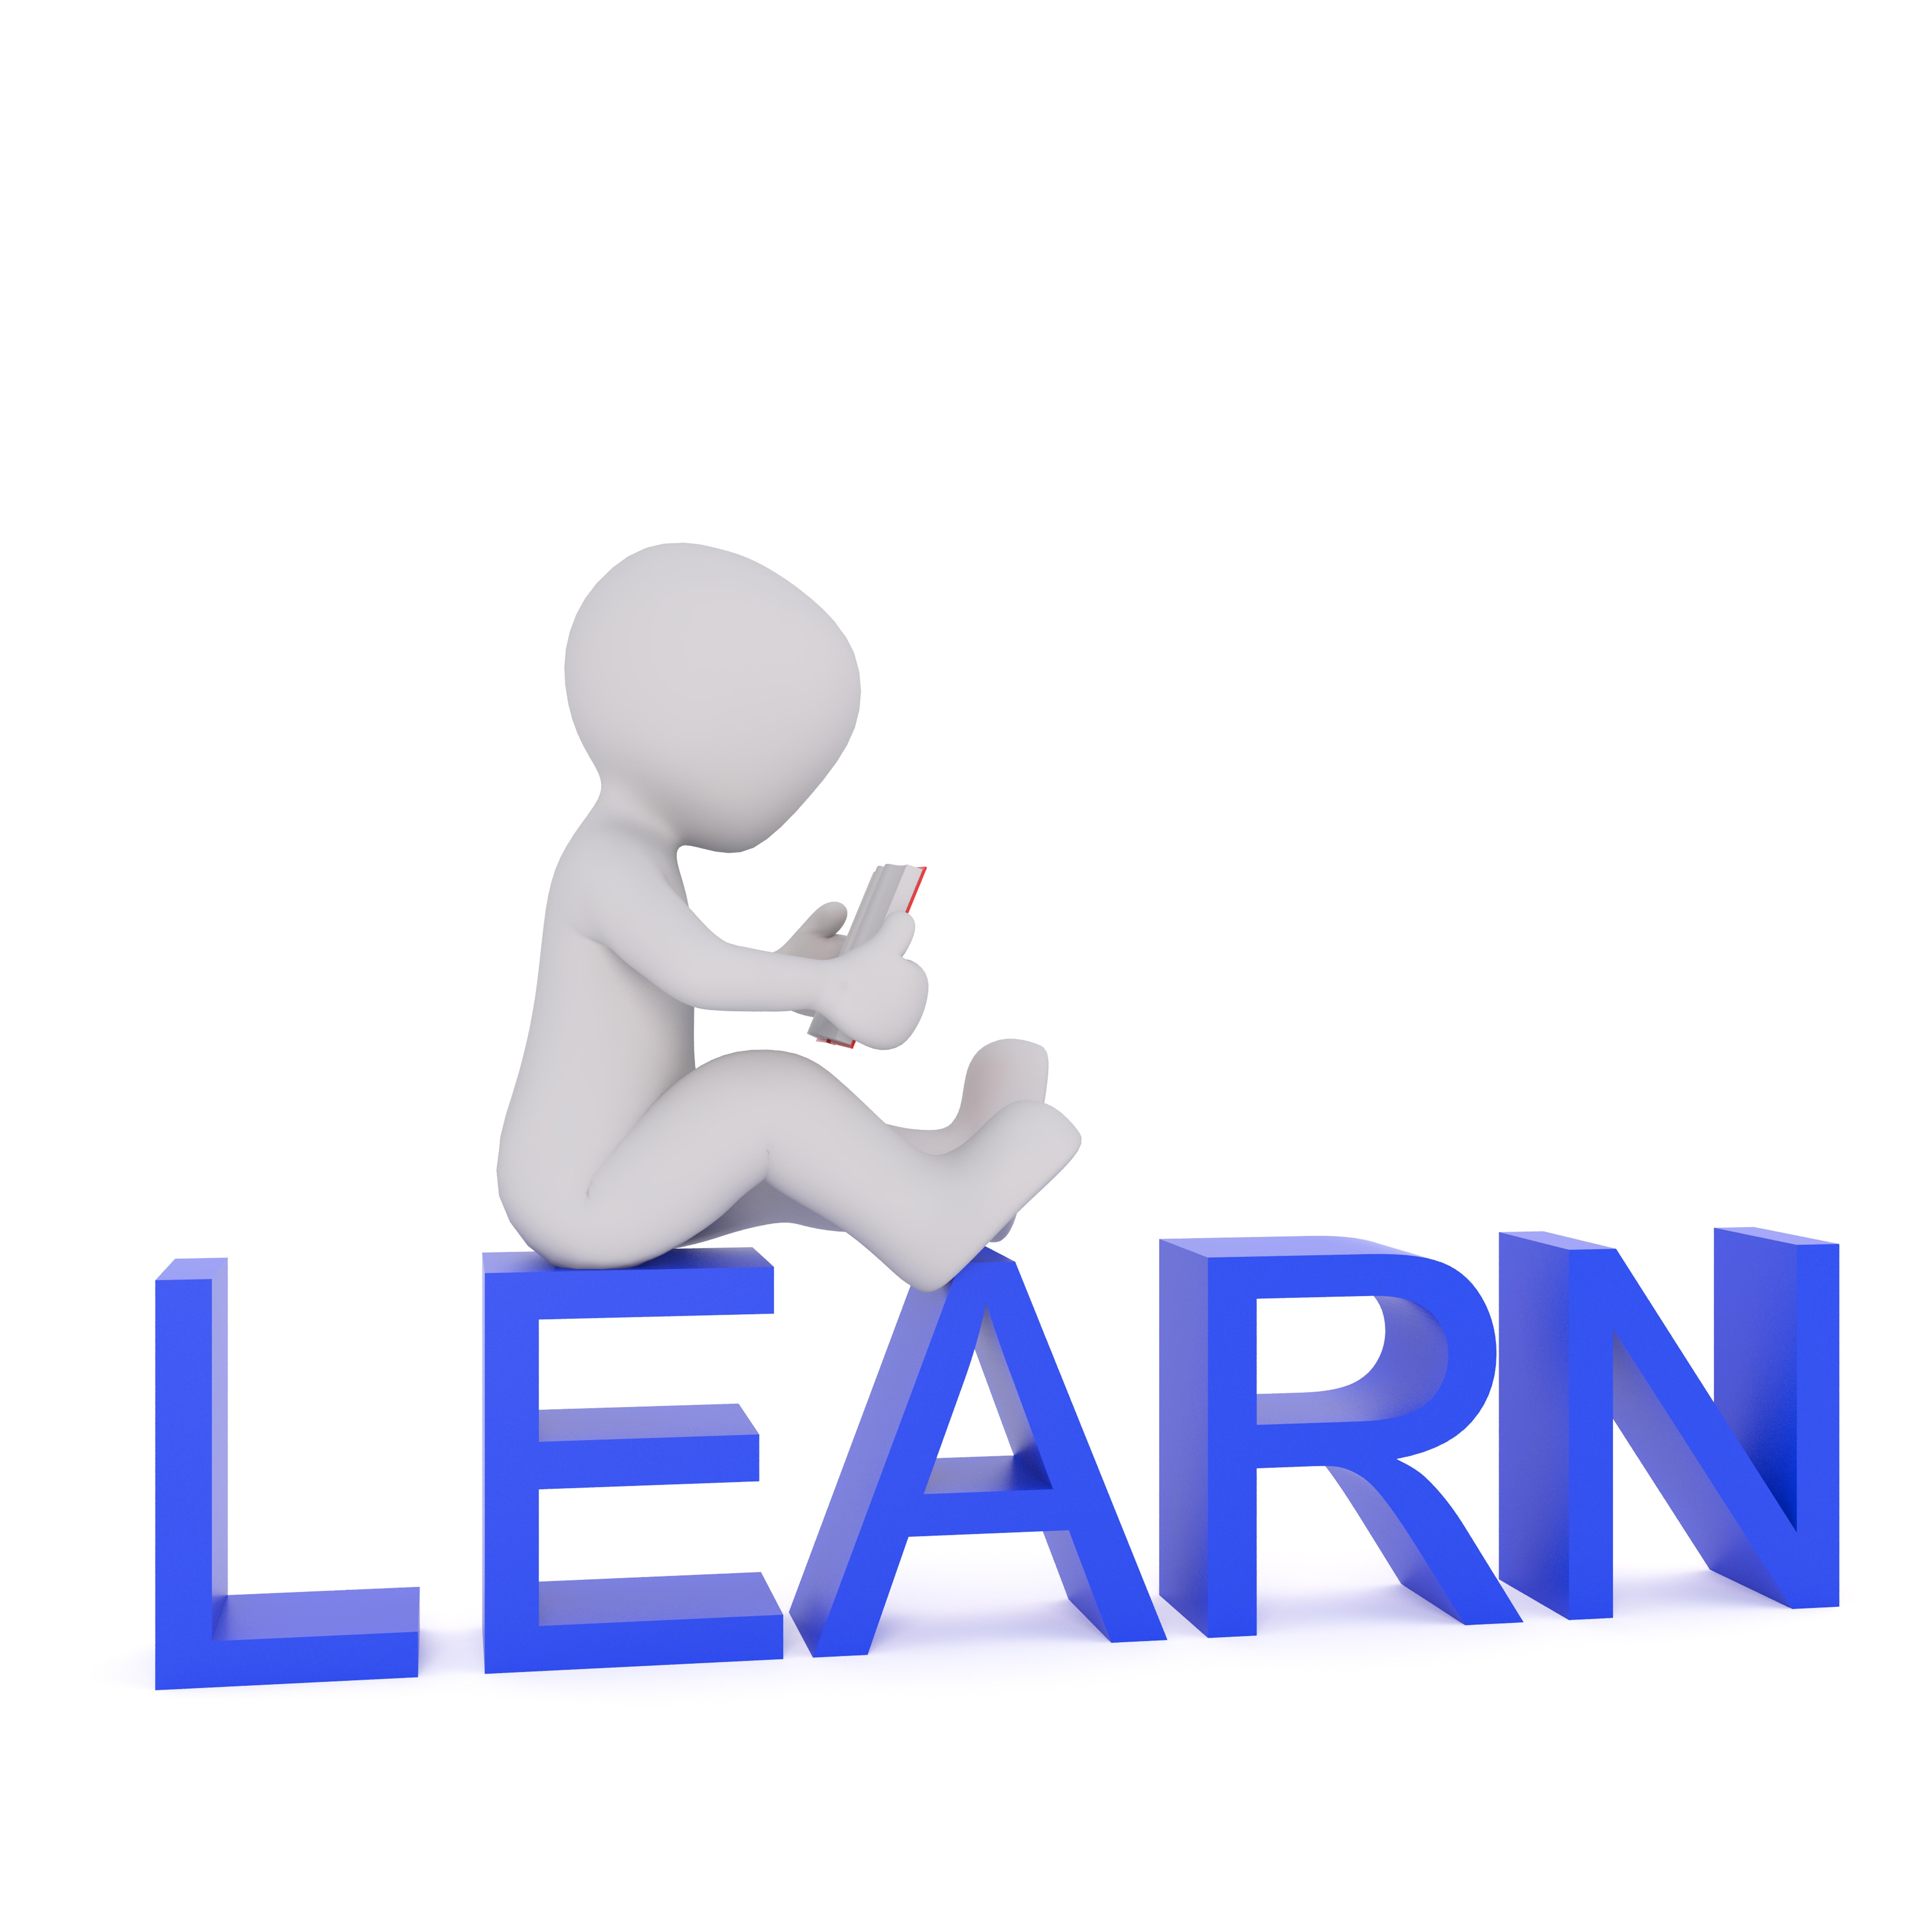 Lean education in apps